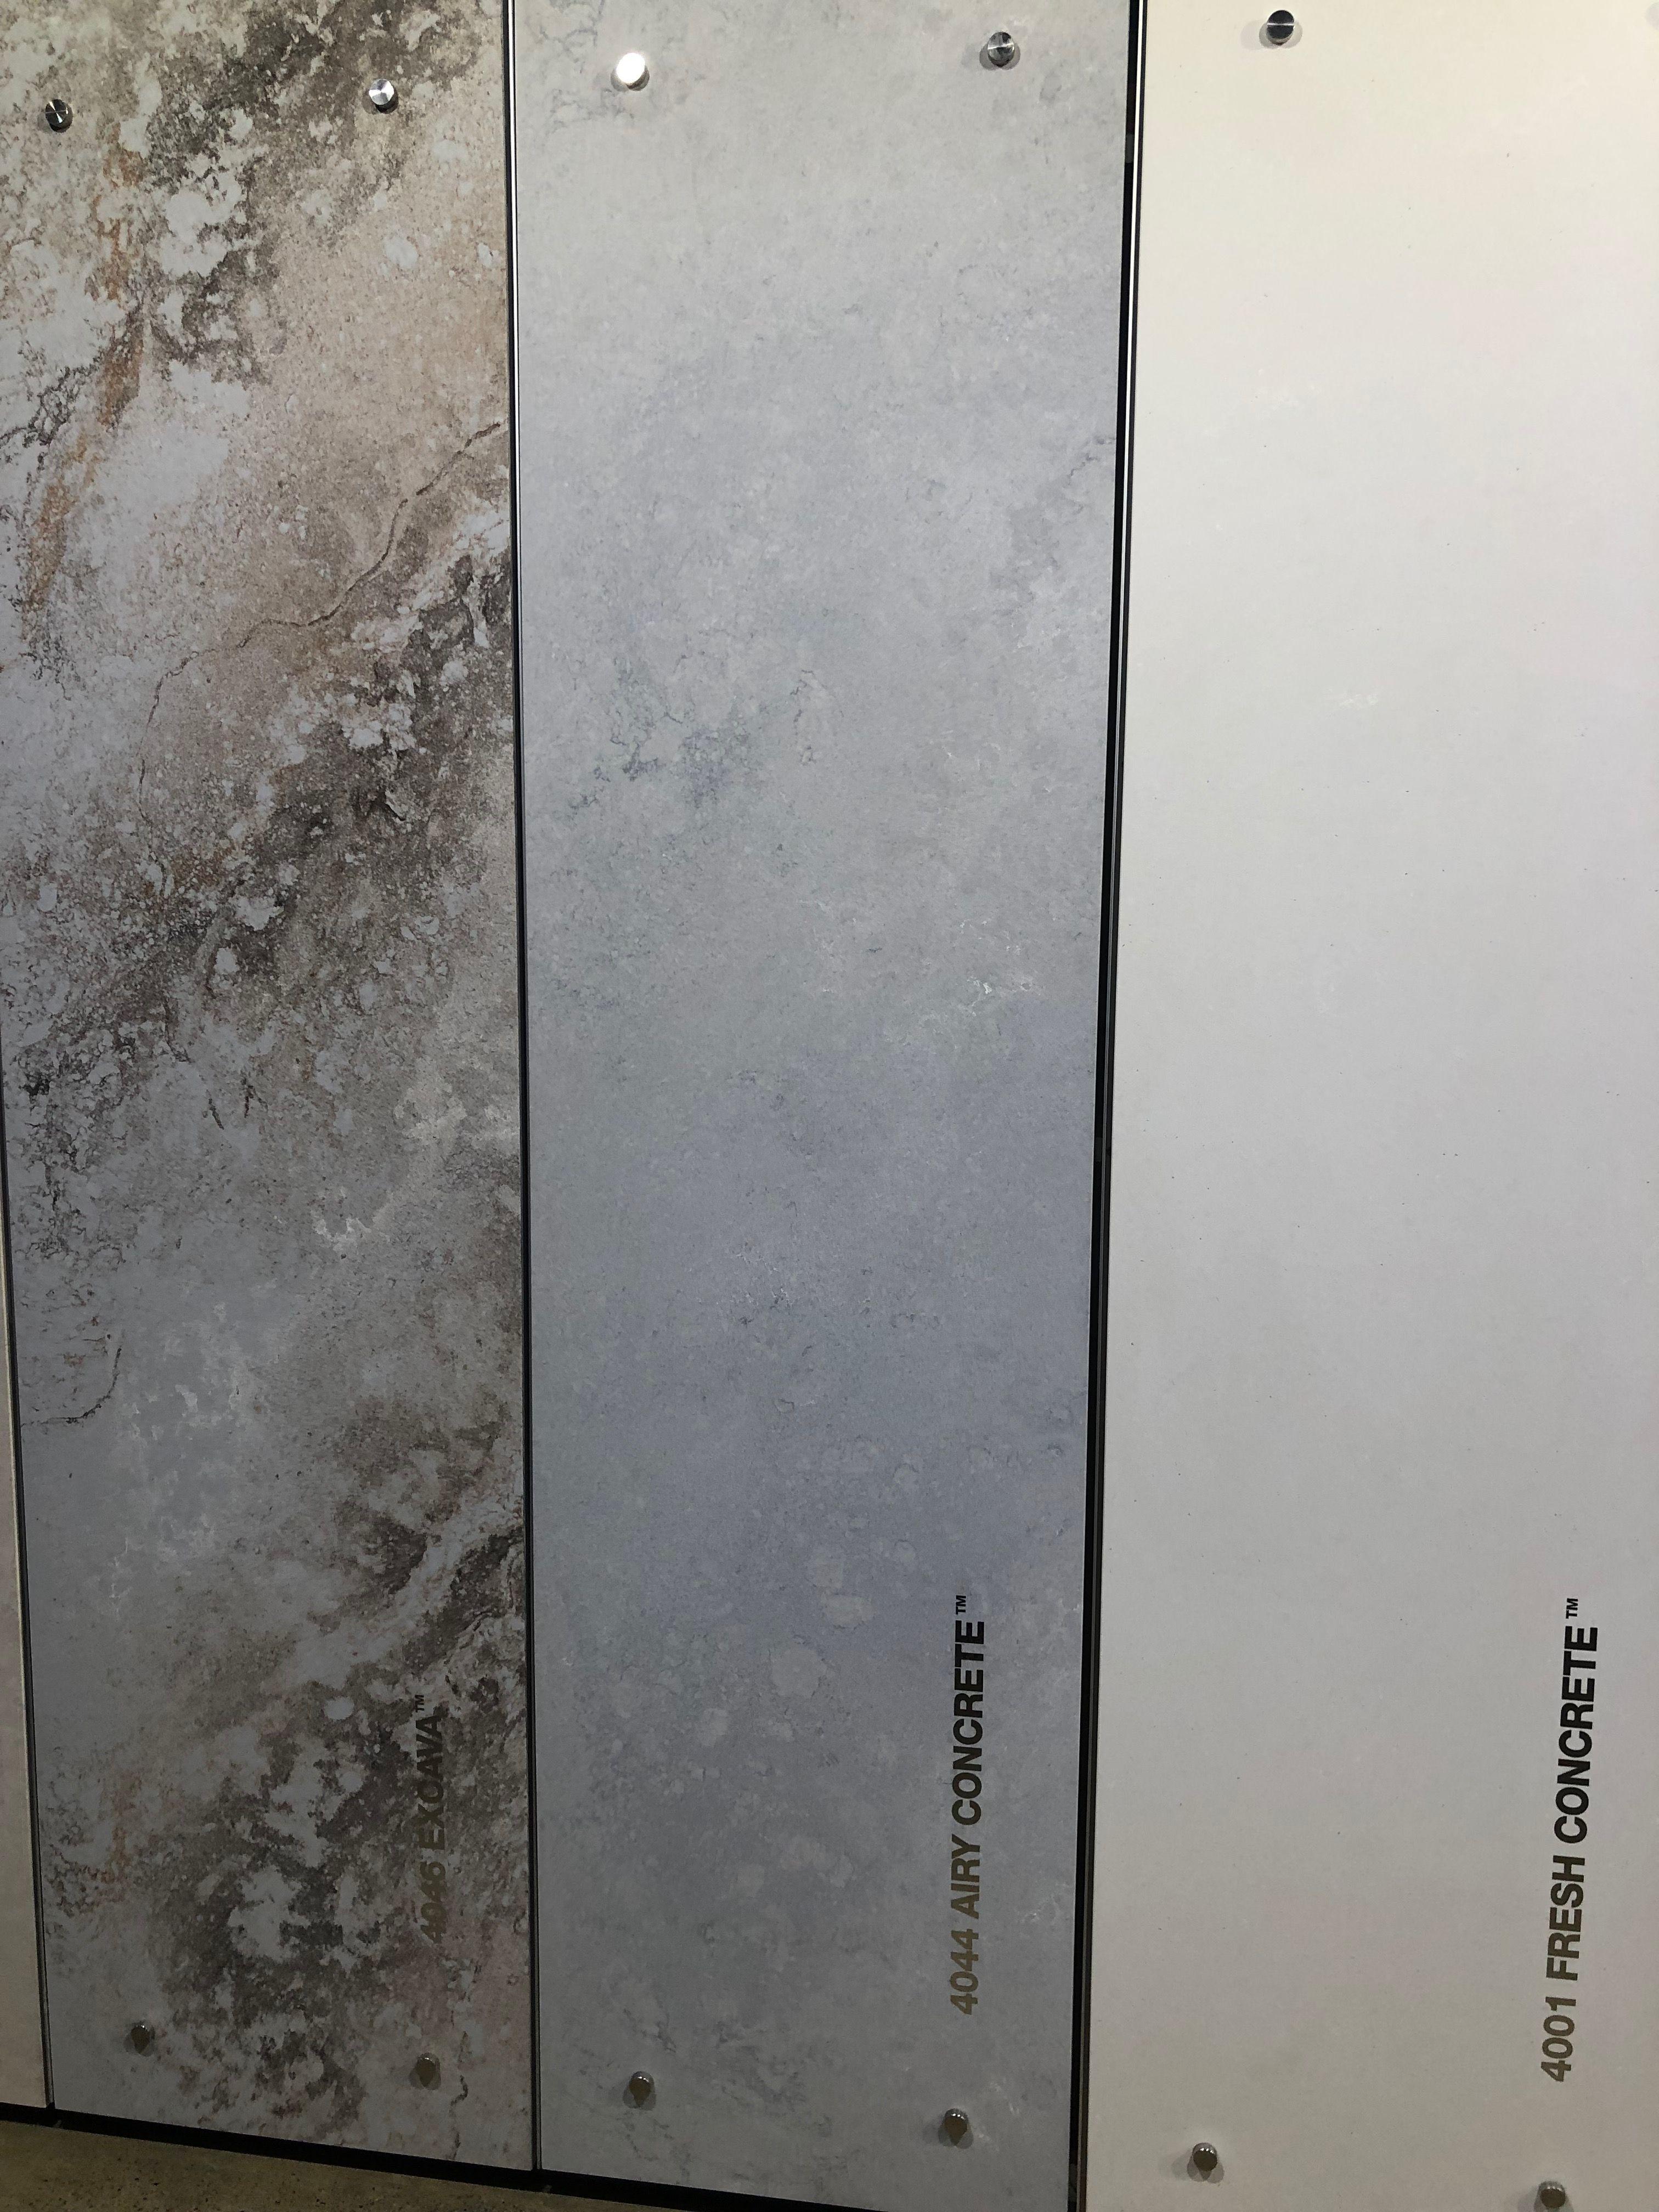 Airy concrete - caesarstone in 2019 | Kitchen decor